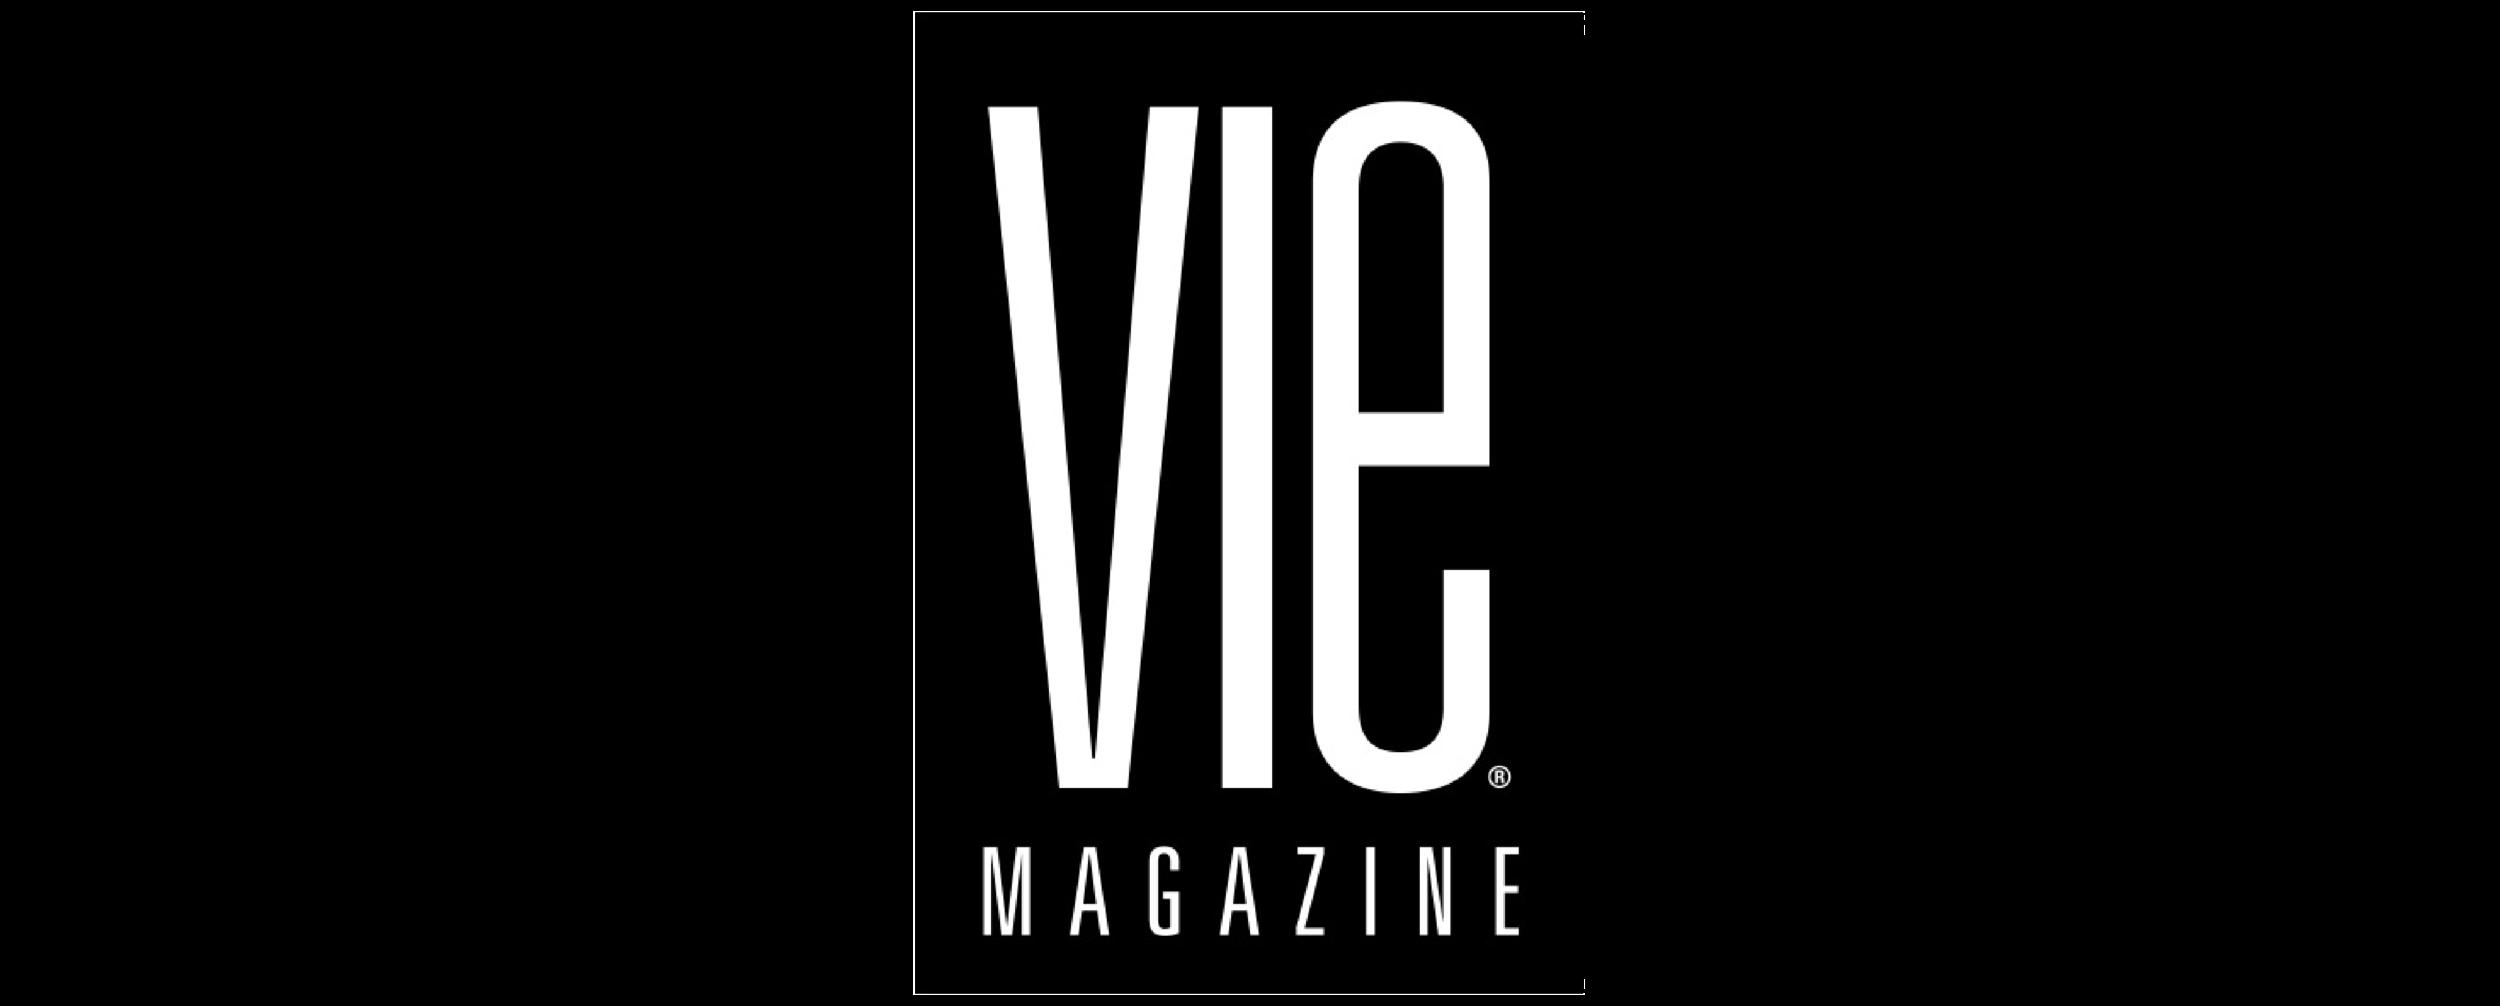 VIE Magazine.png